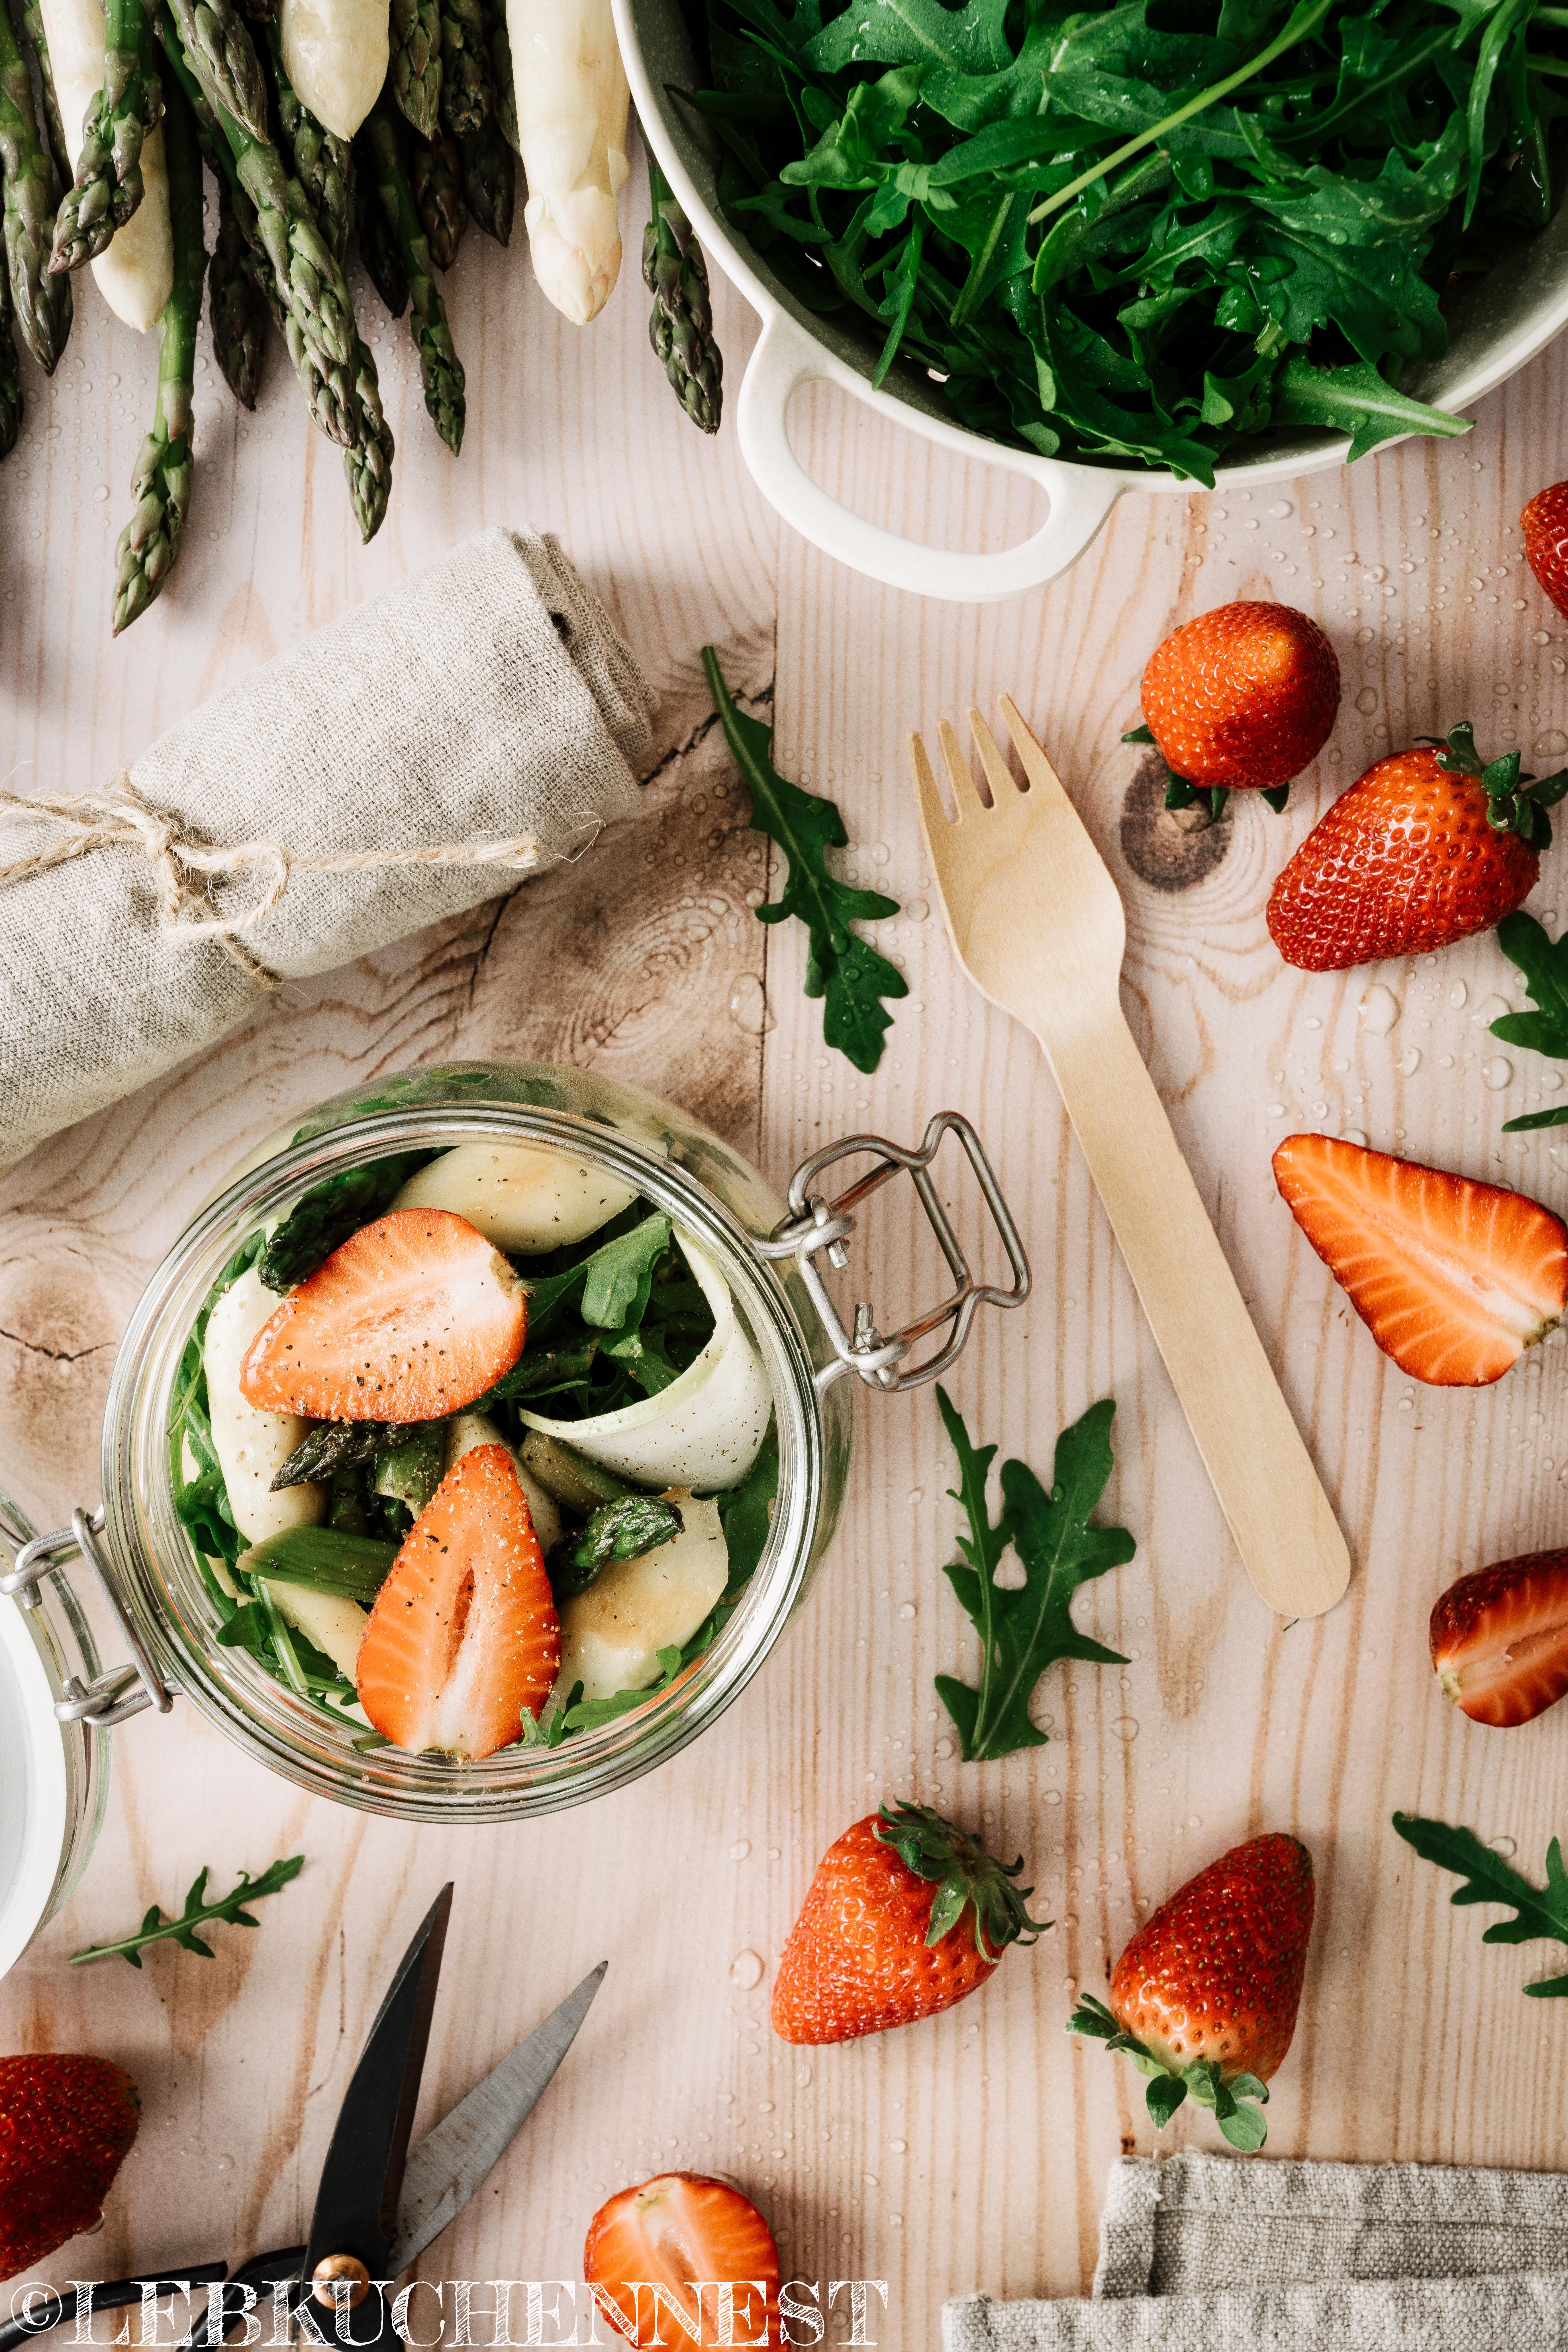 Hirsesalat für unterwegs mit Spargel, Kohlrabi, Erdbeeren